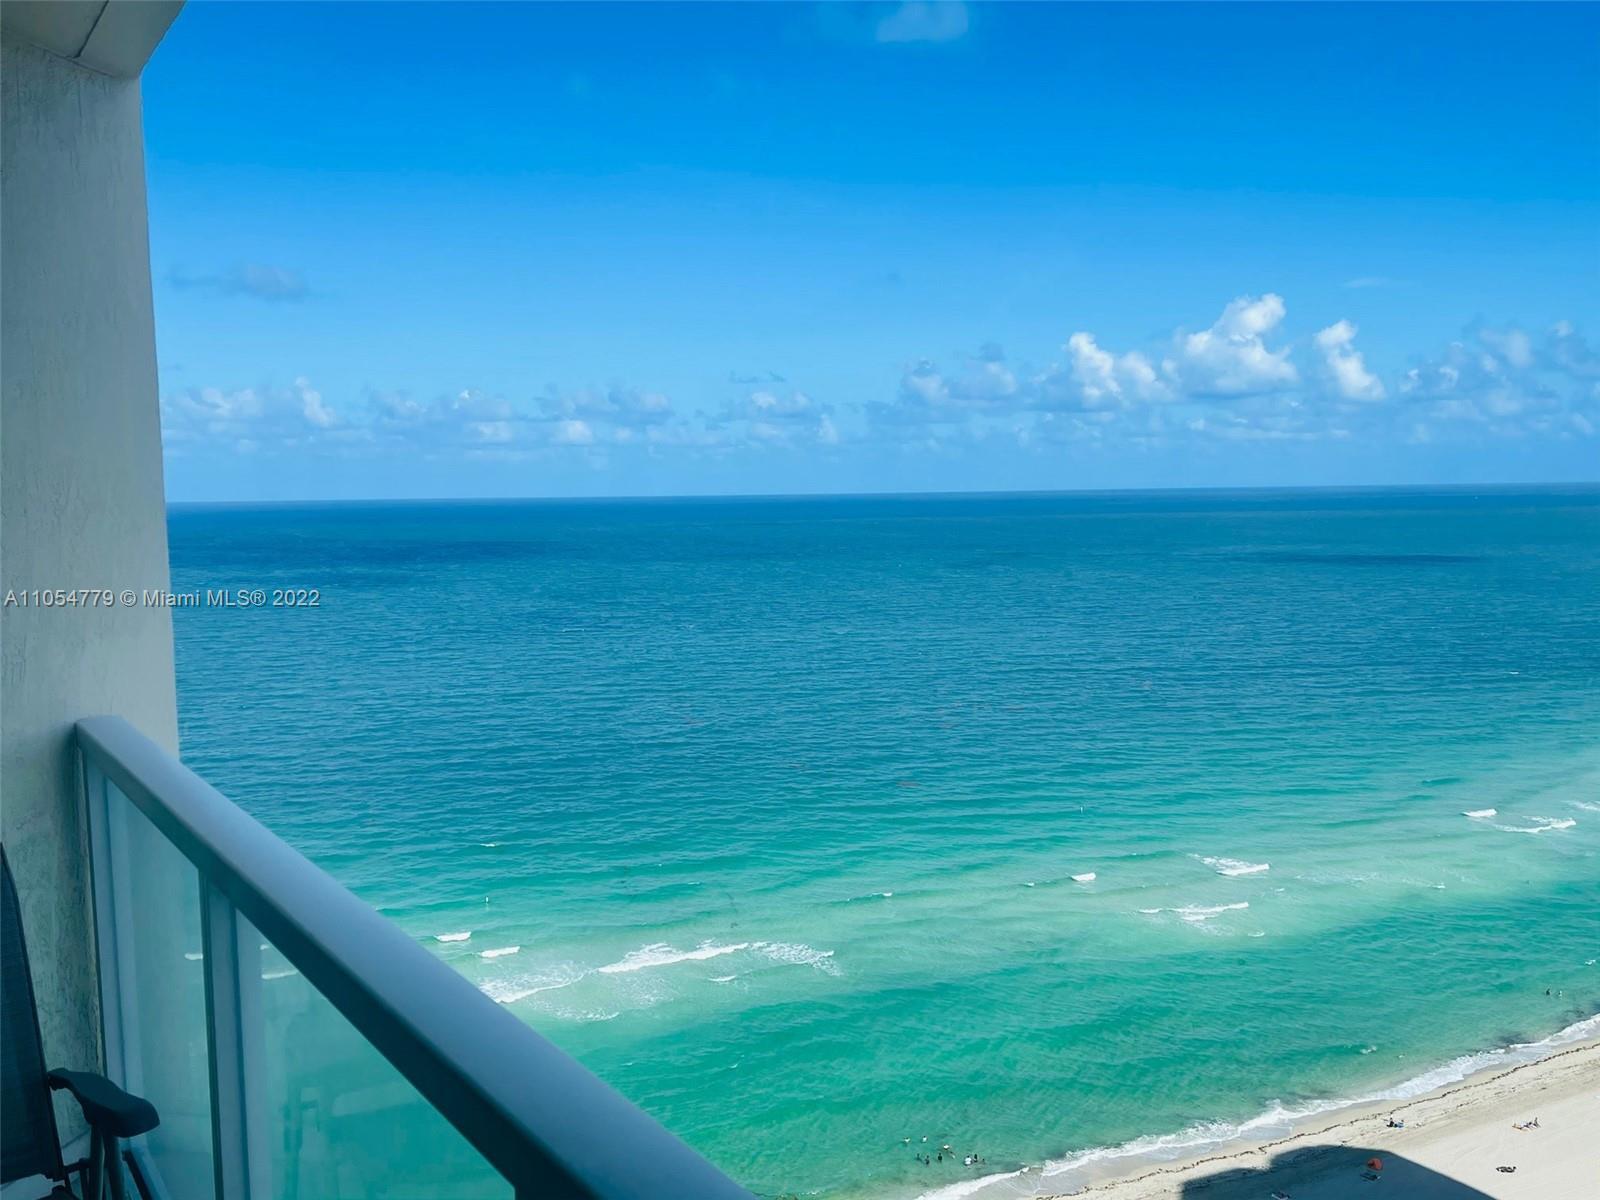 La Perla #2709 - 16699 Collins Ave #2709, Sunny Isles Beach, FL 33160